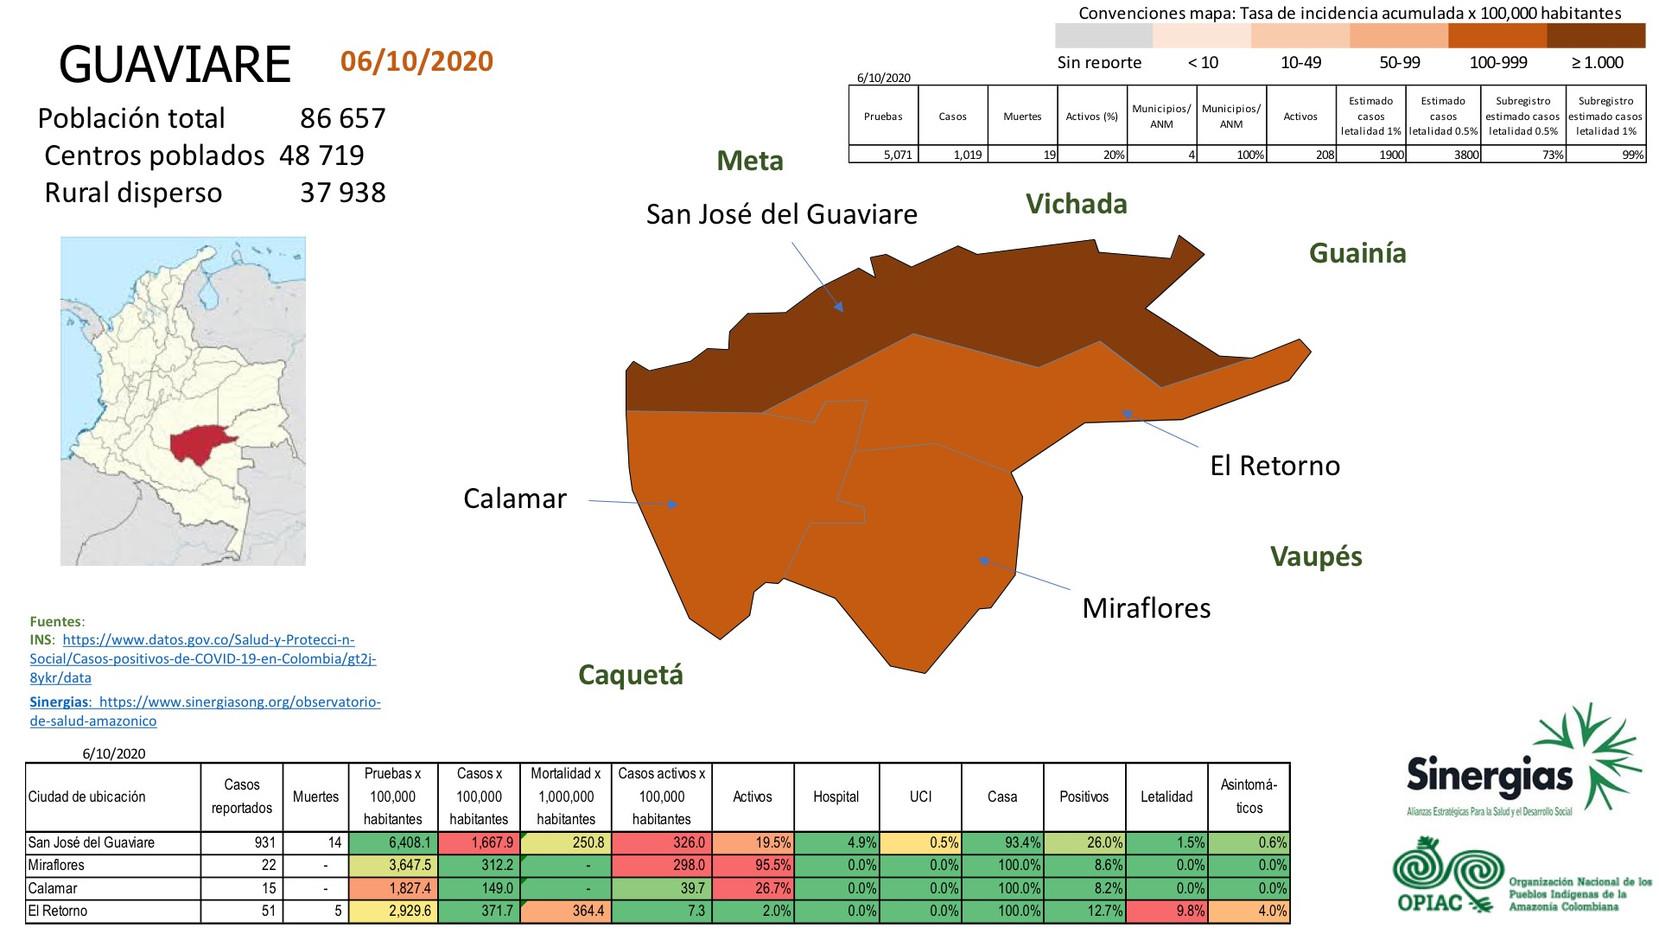 Situación del COVID-19 en el departamento de Guaviare a 06 de octubre del 2020